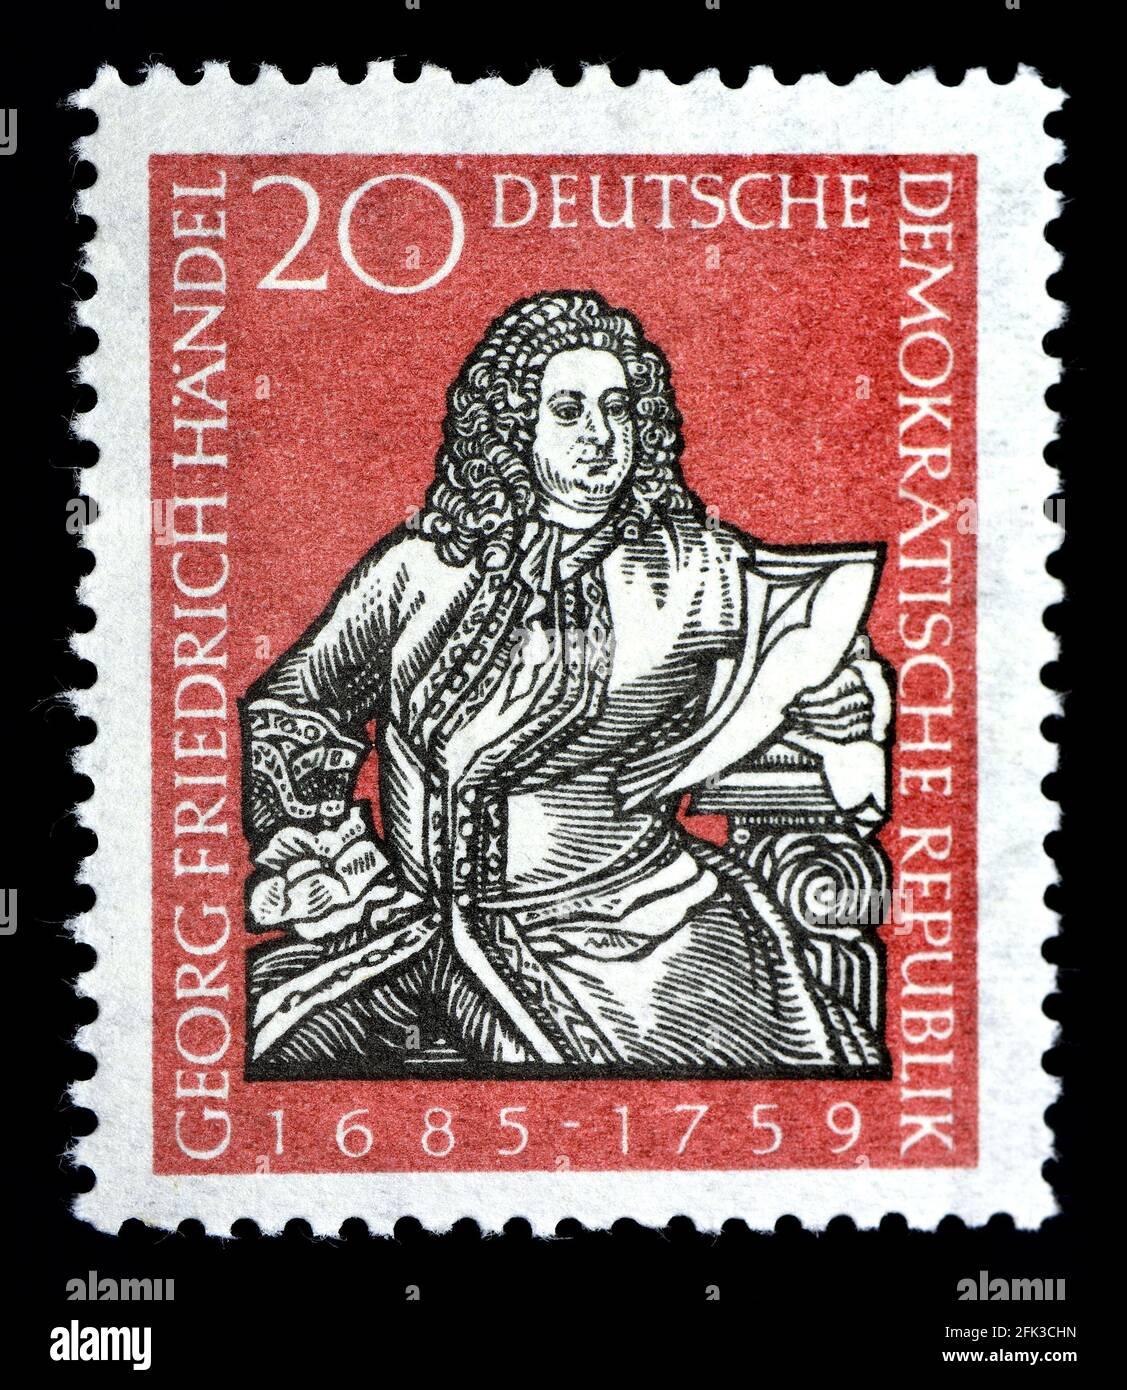 Sello postal alemán oriental (1959) : George Friedrich Handel (1685-1759) compositor. 200th aniversario de nacimiento Foto de stock